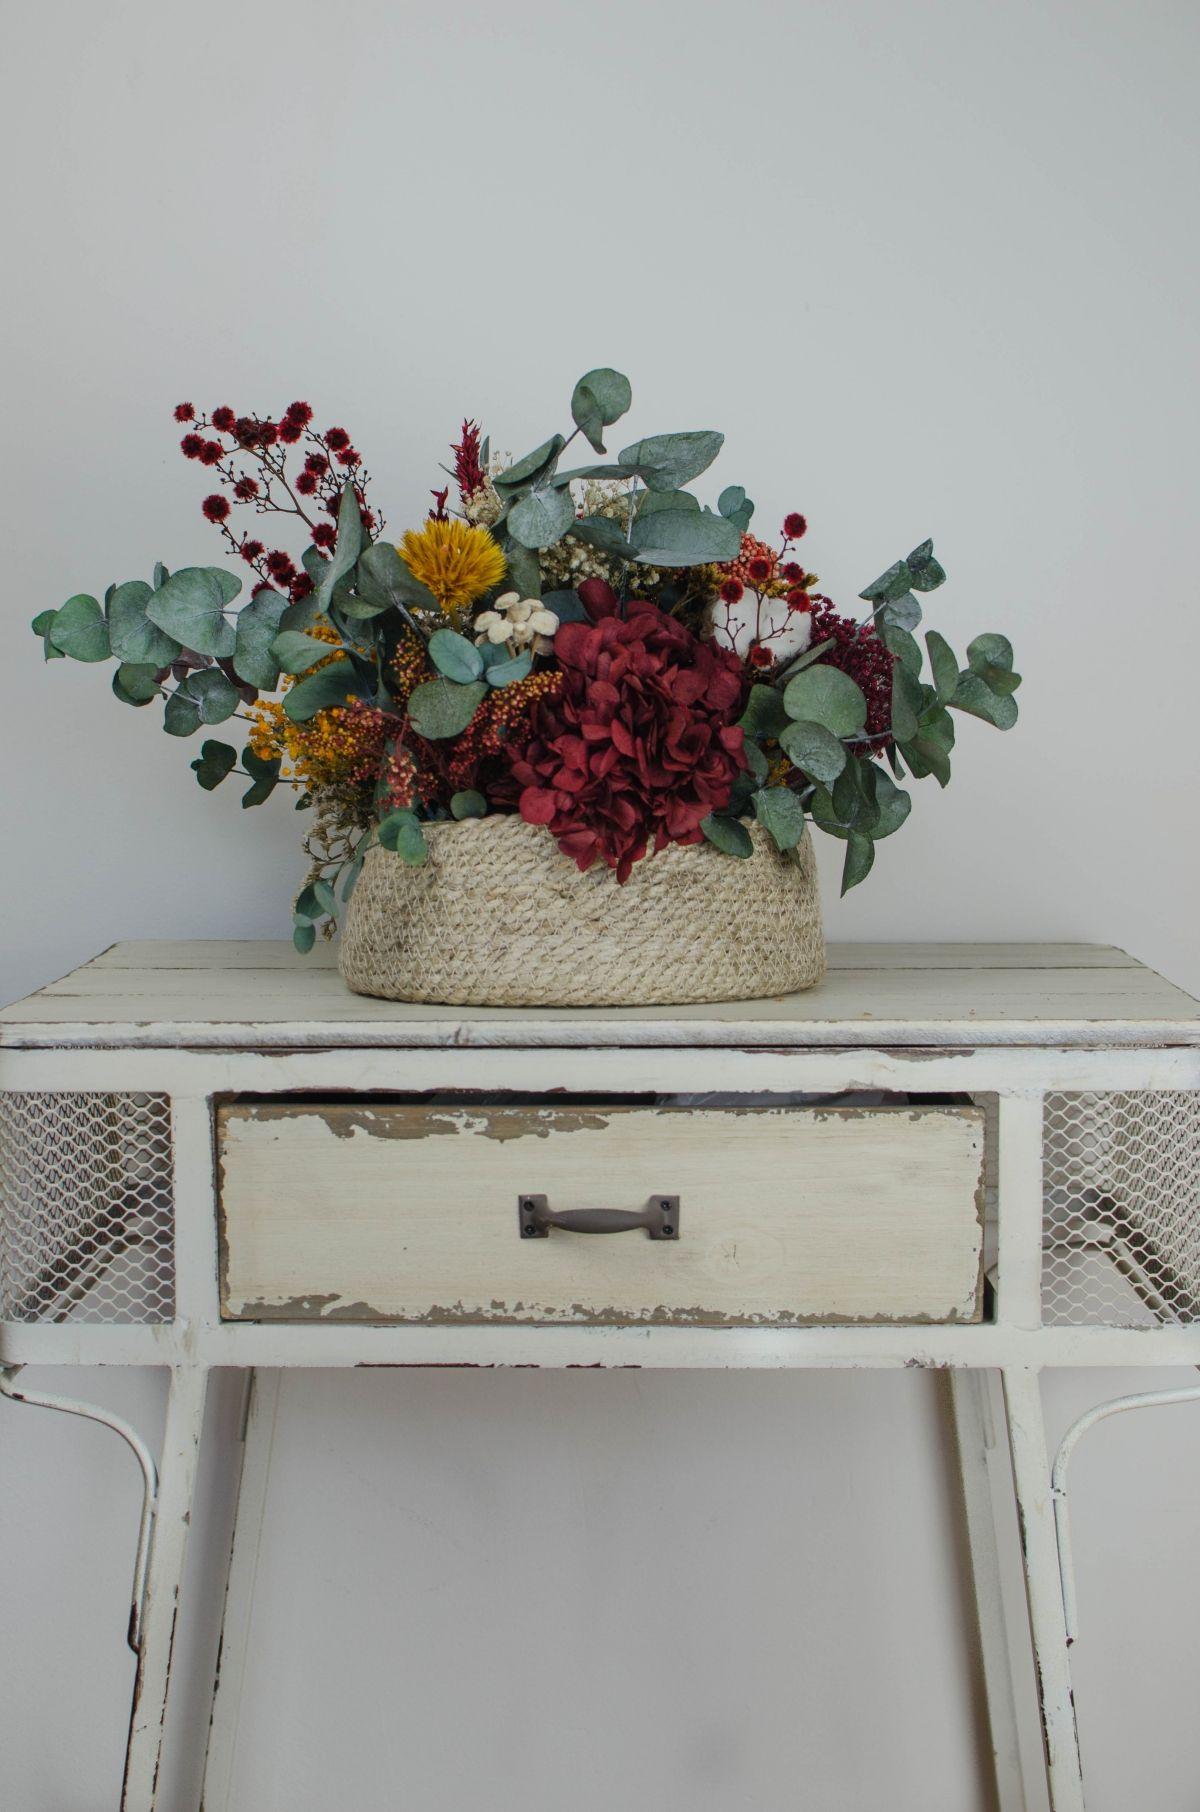 Cesto babushka ideas oto o flores secas decoracion centros de mesa de comedor y flores para - Plantas secas decoracion ...